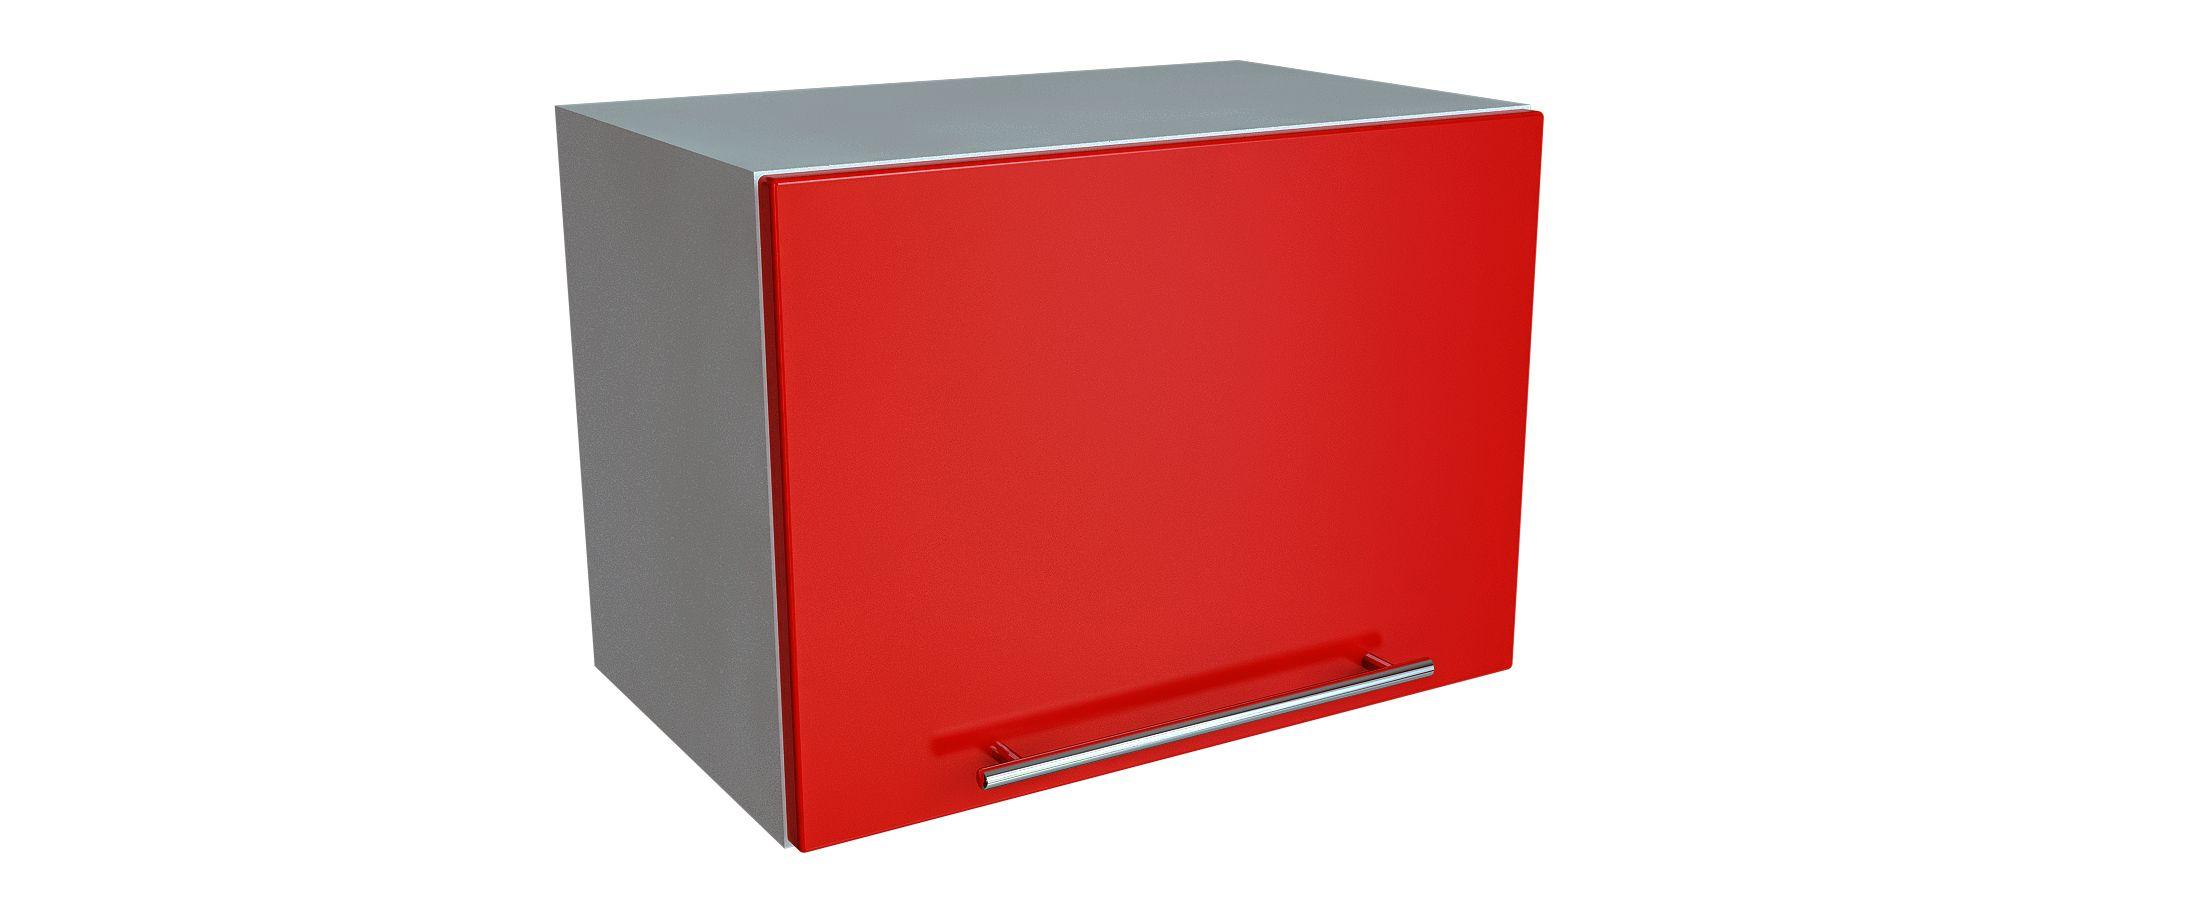 Шкаф навесной Красный глянец Модель 705 от MOON TRADE